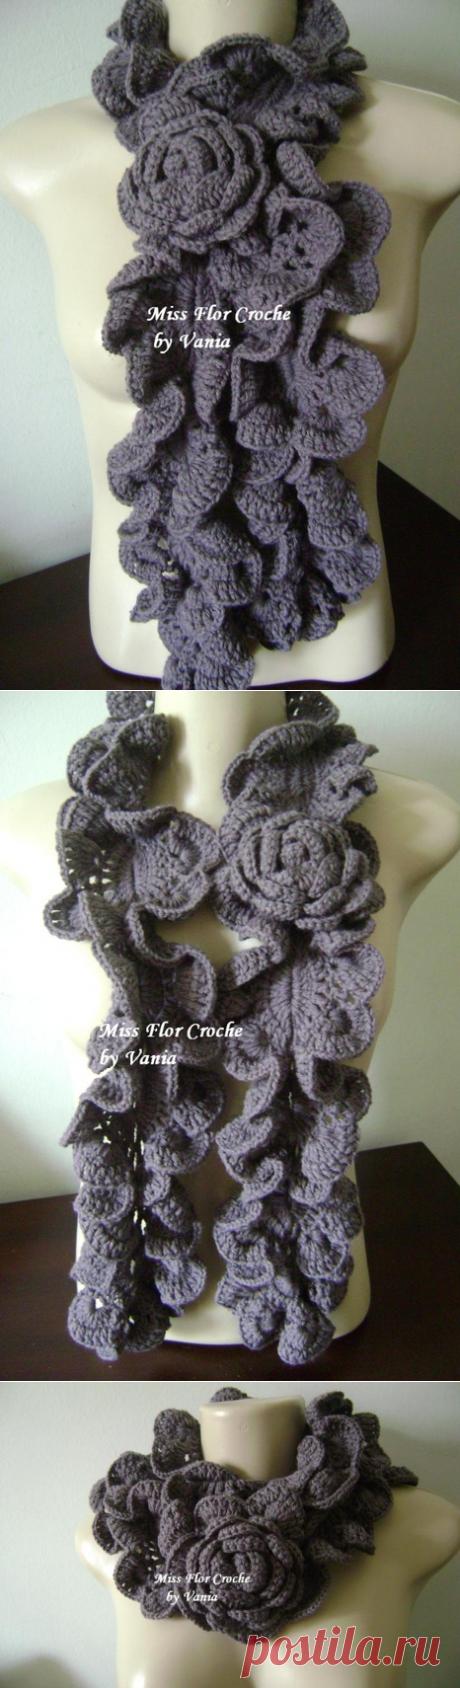 Вязаные крючком цветочные шарфы, колье | Эфария